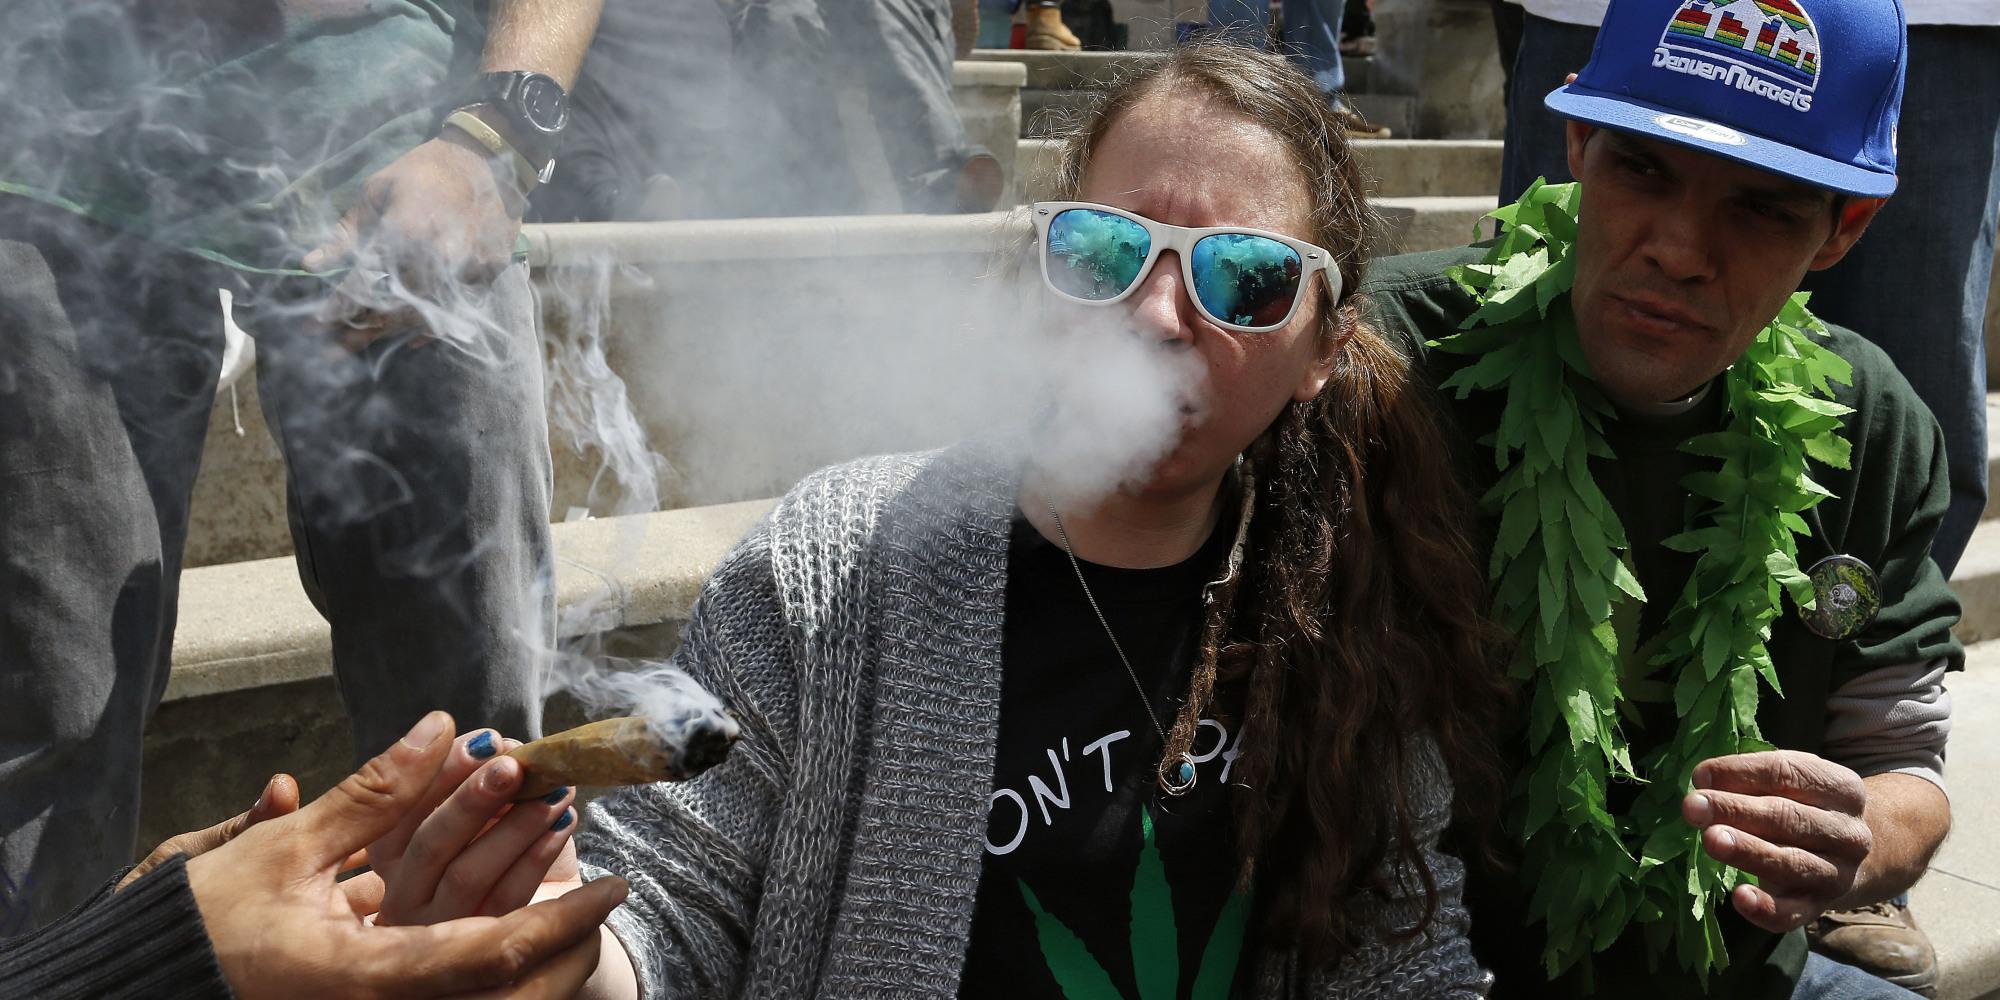 Дети курят марихуану как тереть коноплю